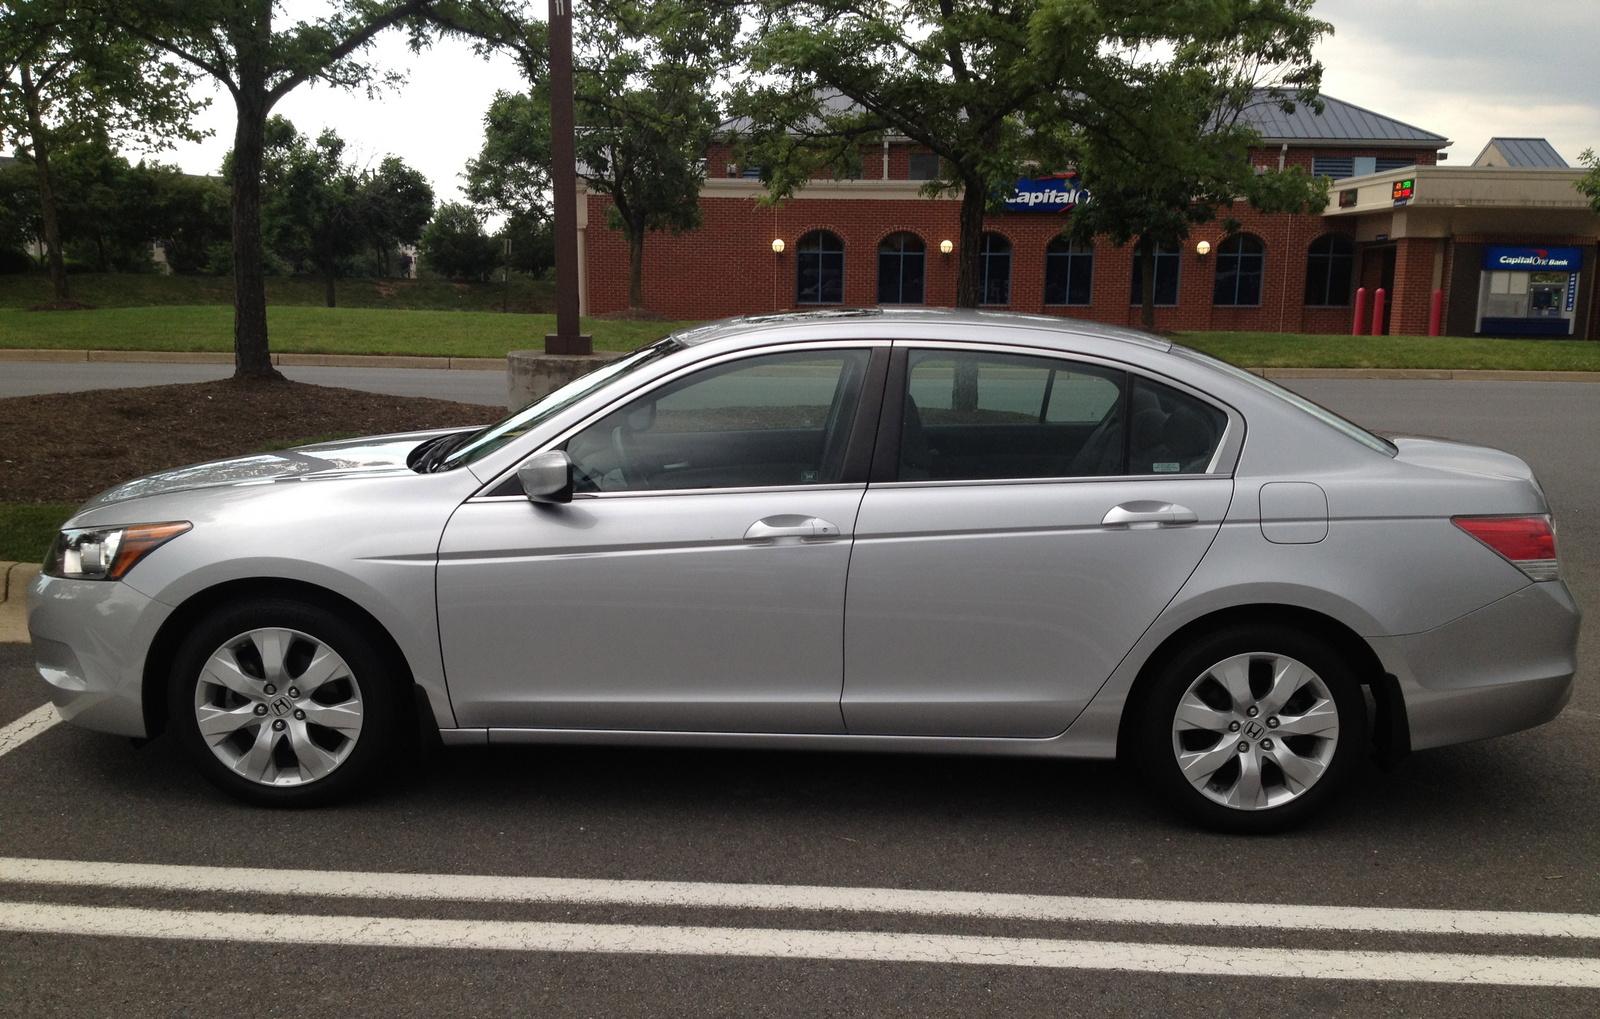 2009 Honda Accord Exterior Pictures Cargurus